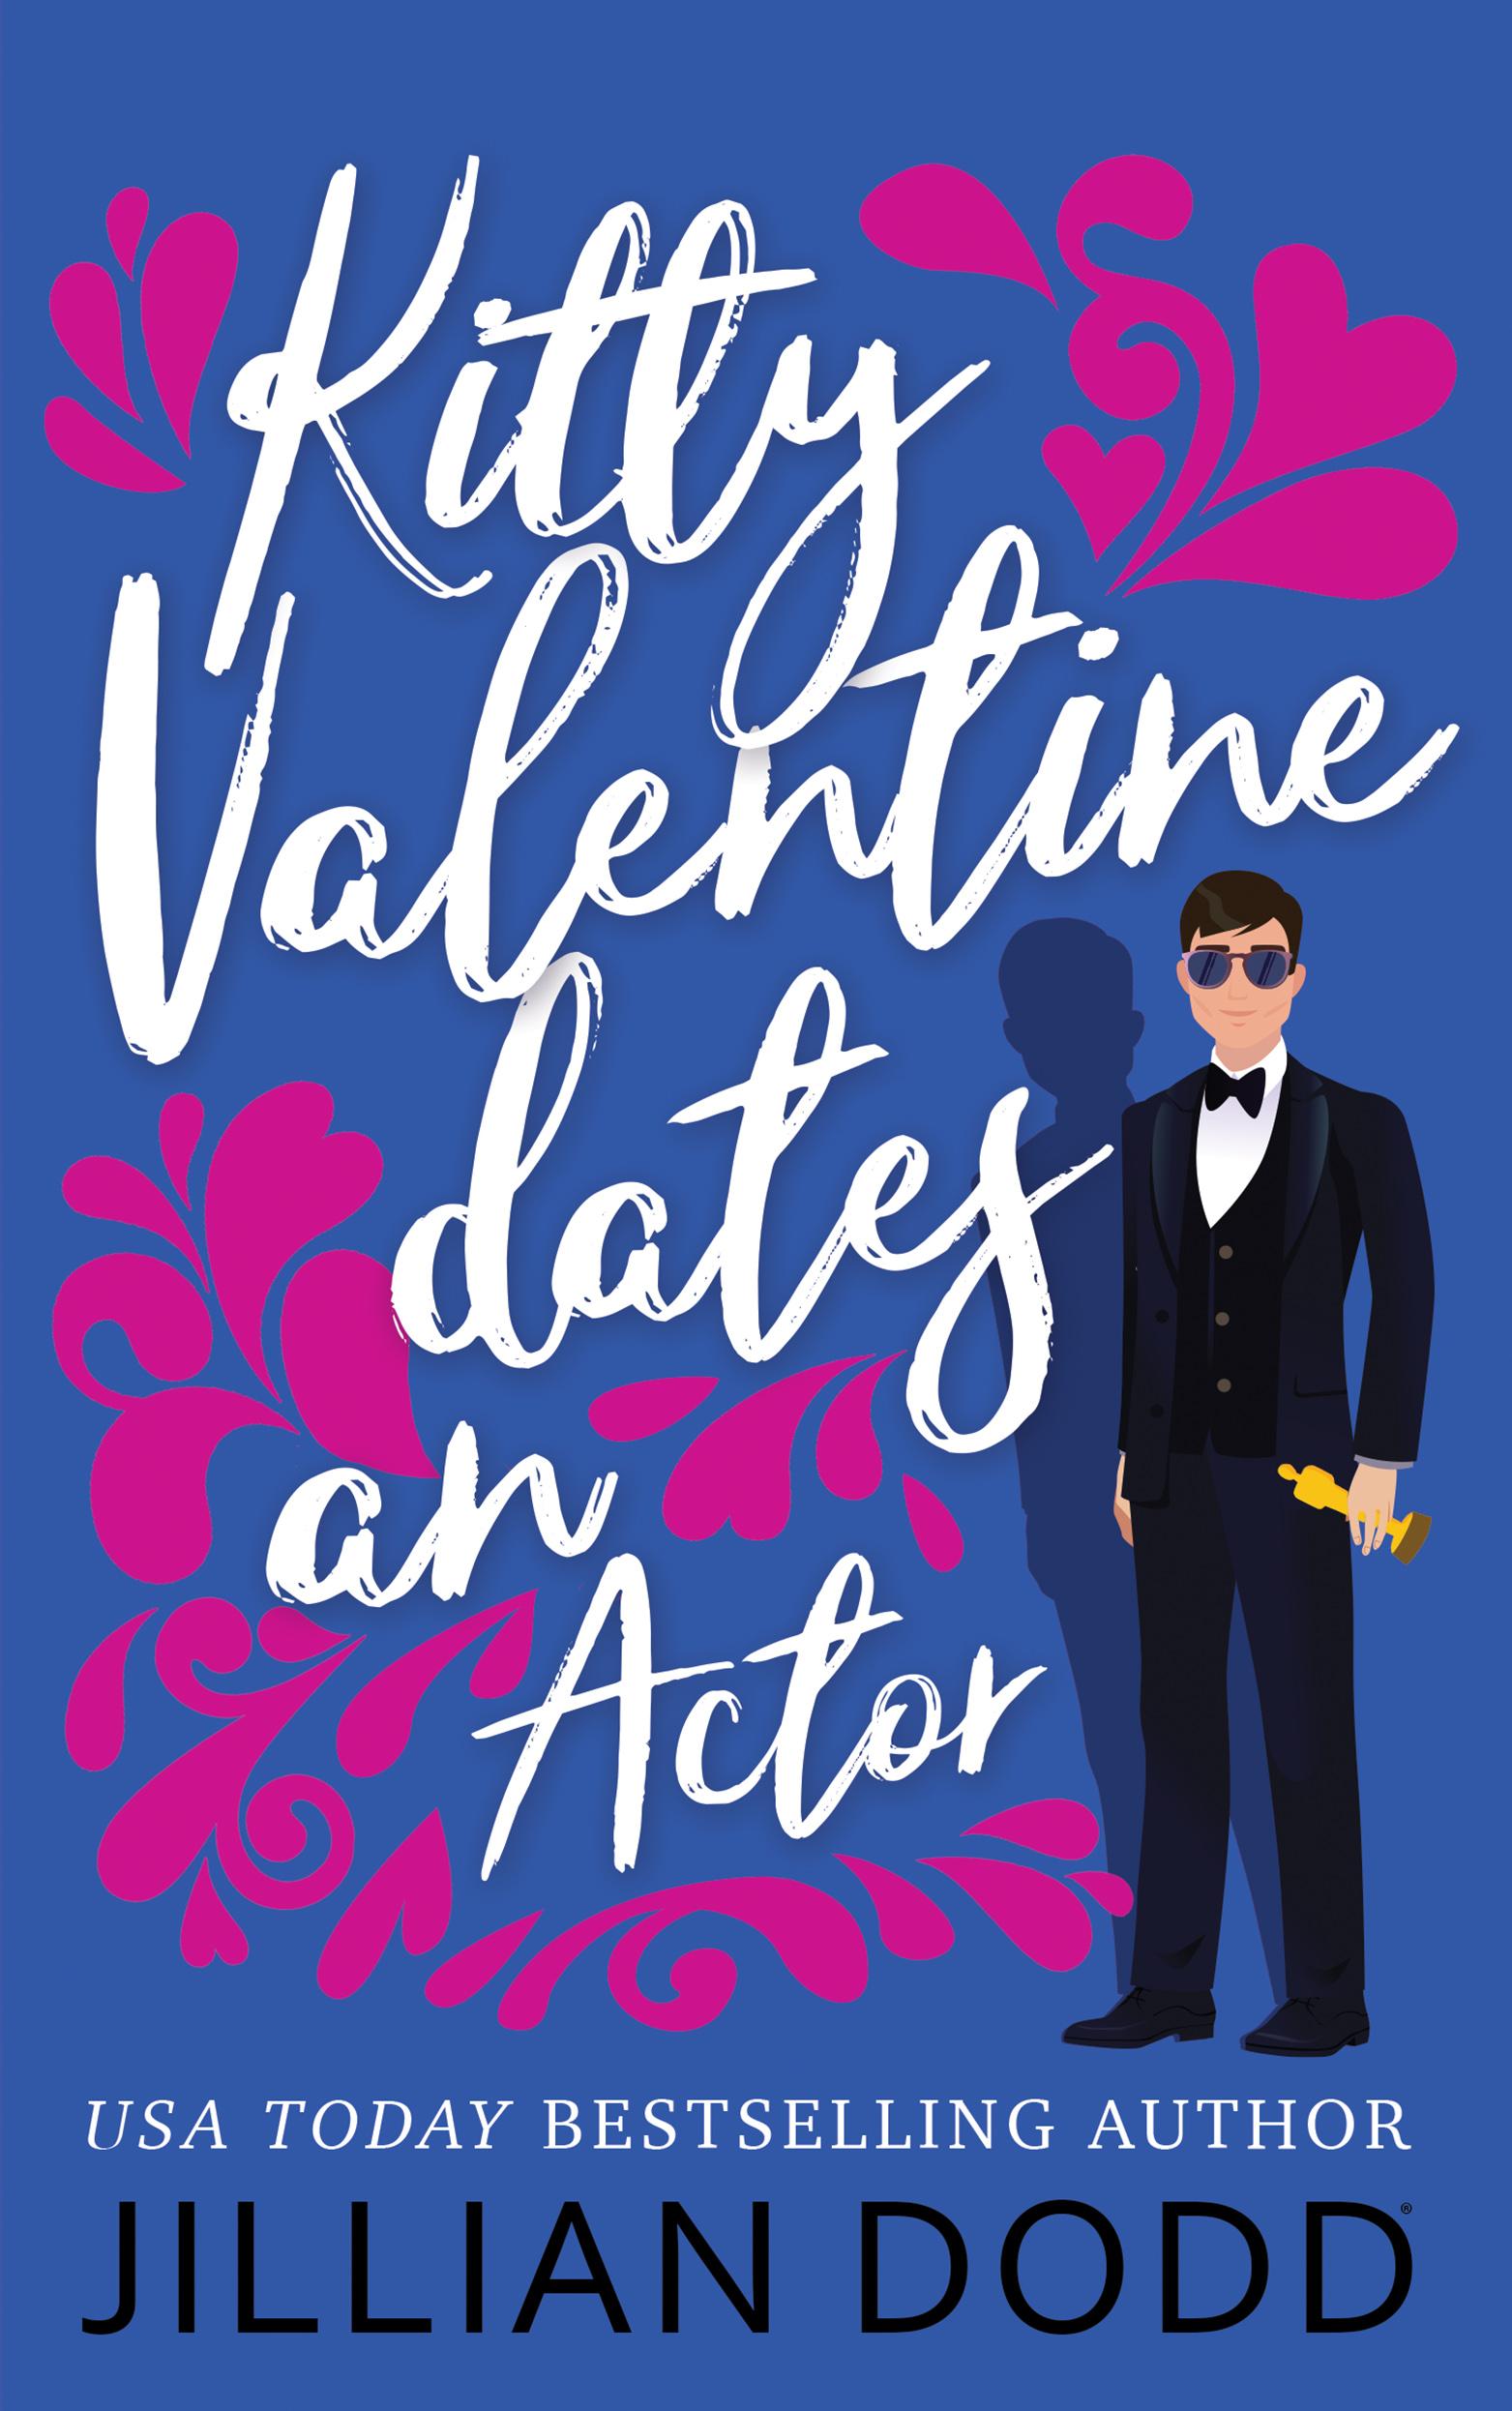 Kitty Valentine Dates an Actor (Kitty Valentine, #5)